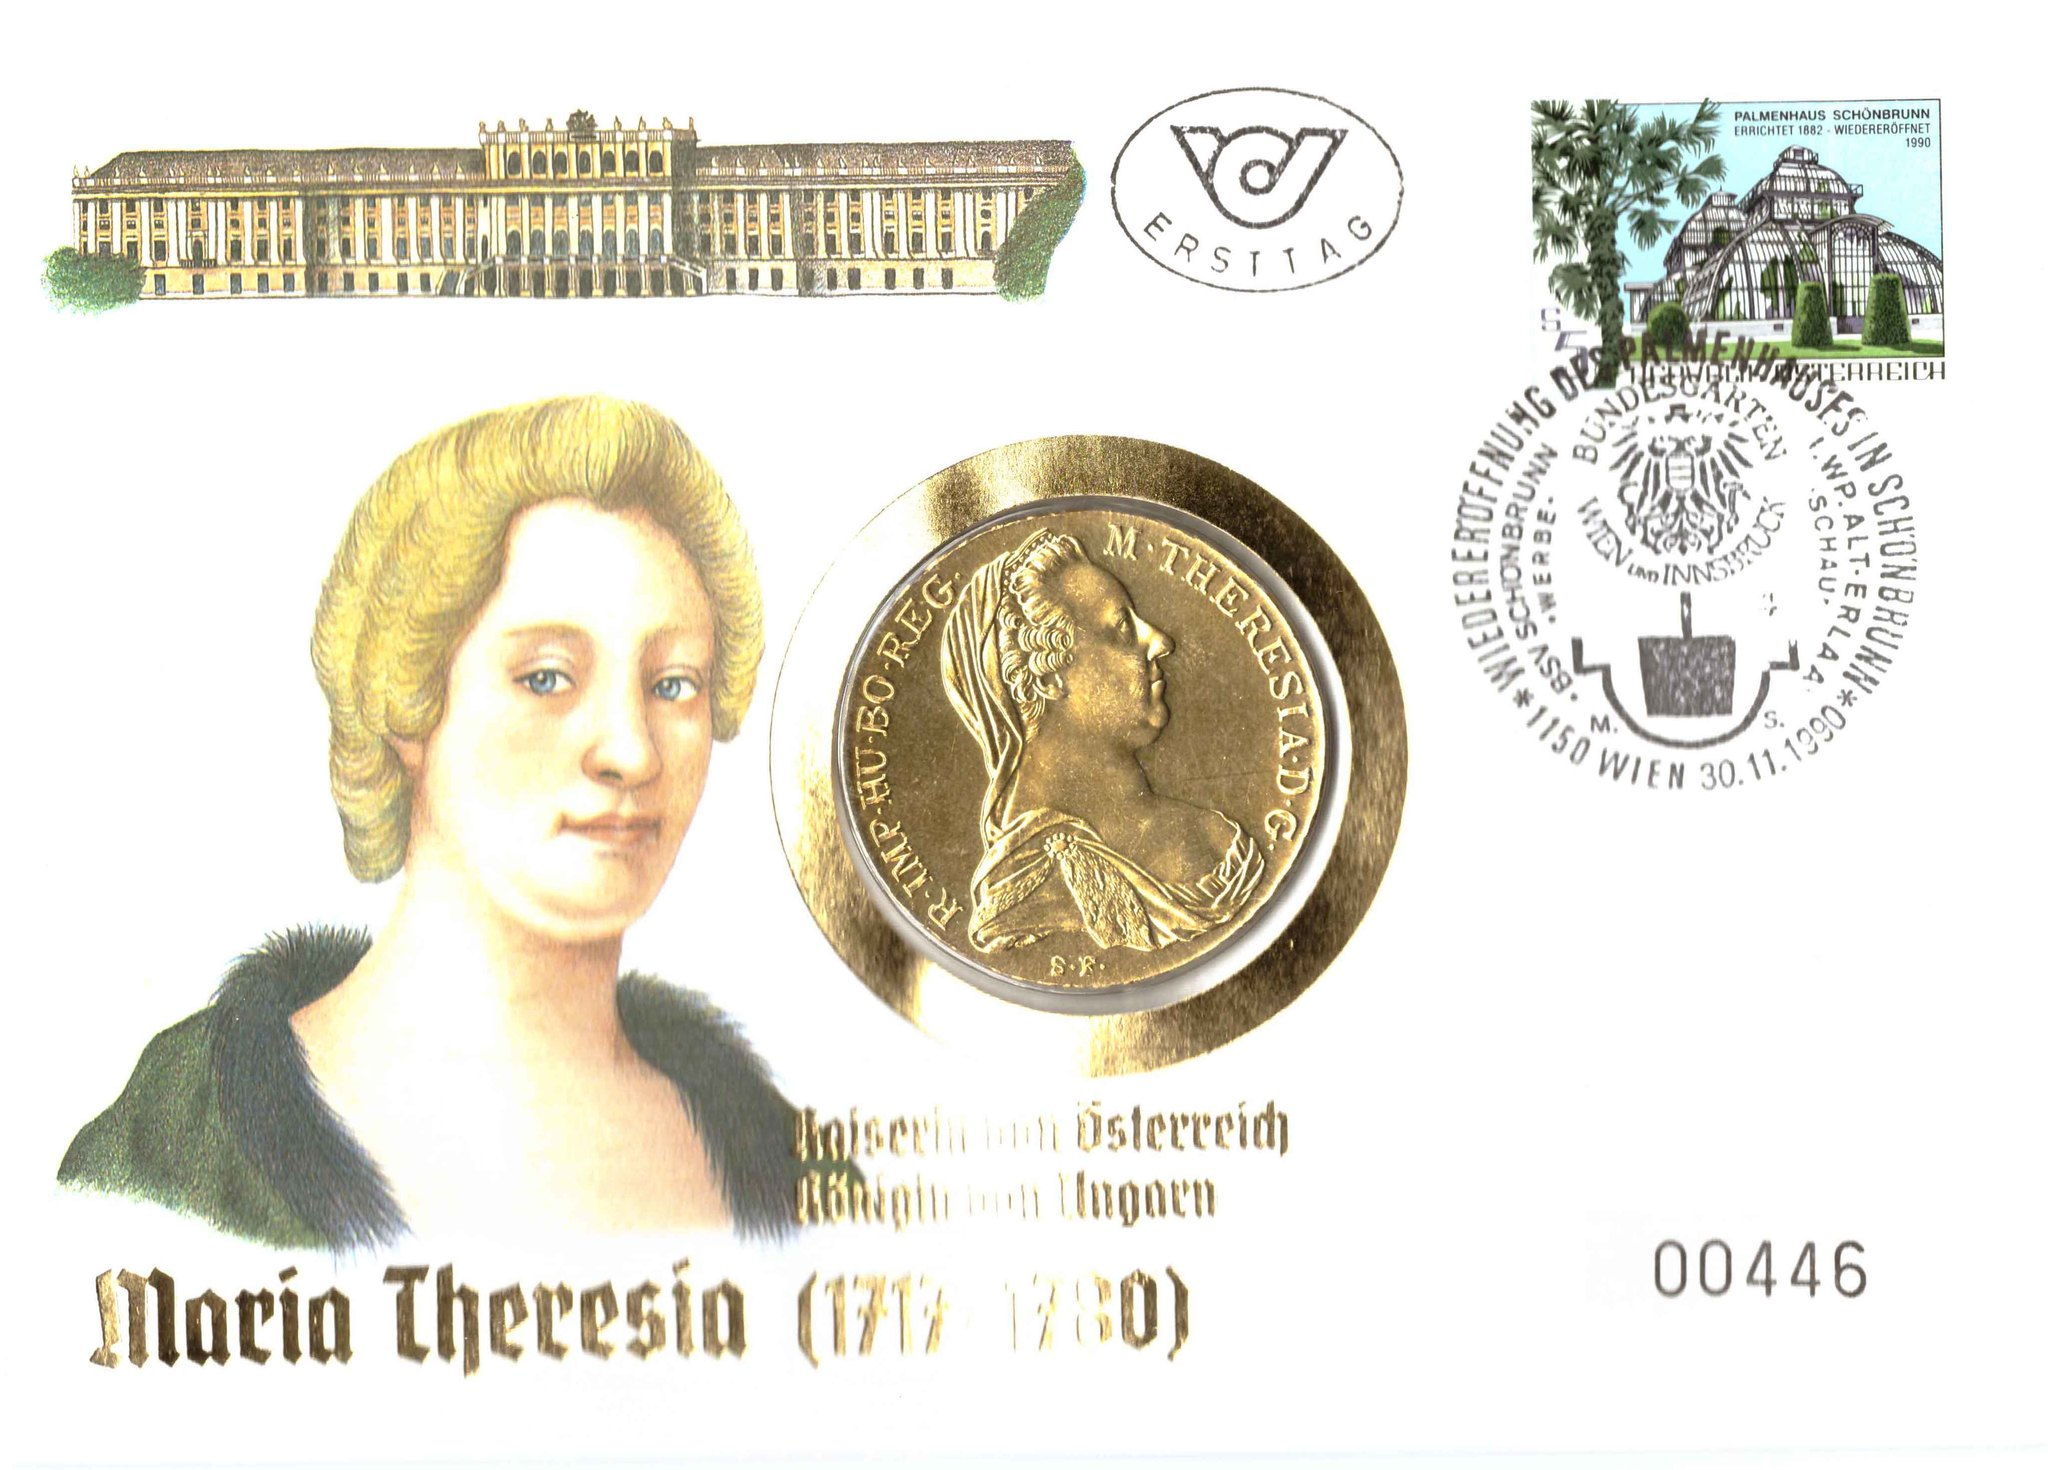 1 талер 1780. Австрия. Рестрайк AU (Талер Марии Терезы). В позолоте. UNC. В конверте со спецгашением